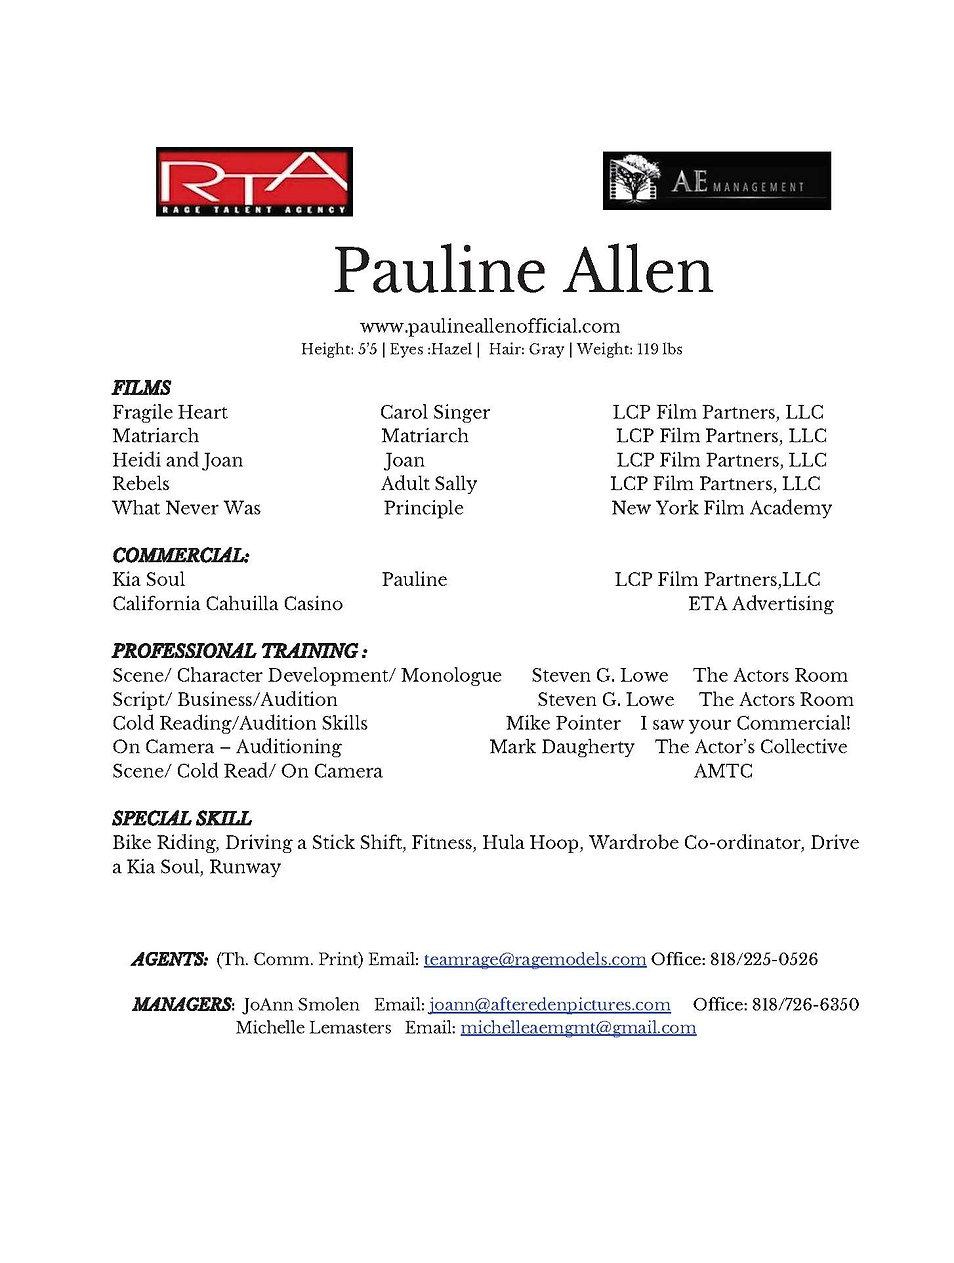 Pauline Allen Resume with Logos 2020-2_